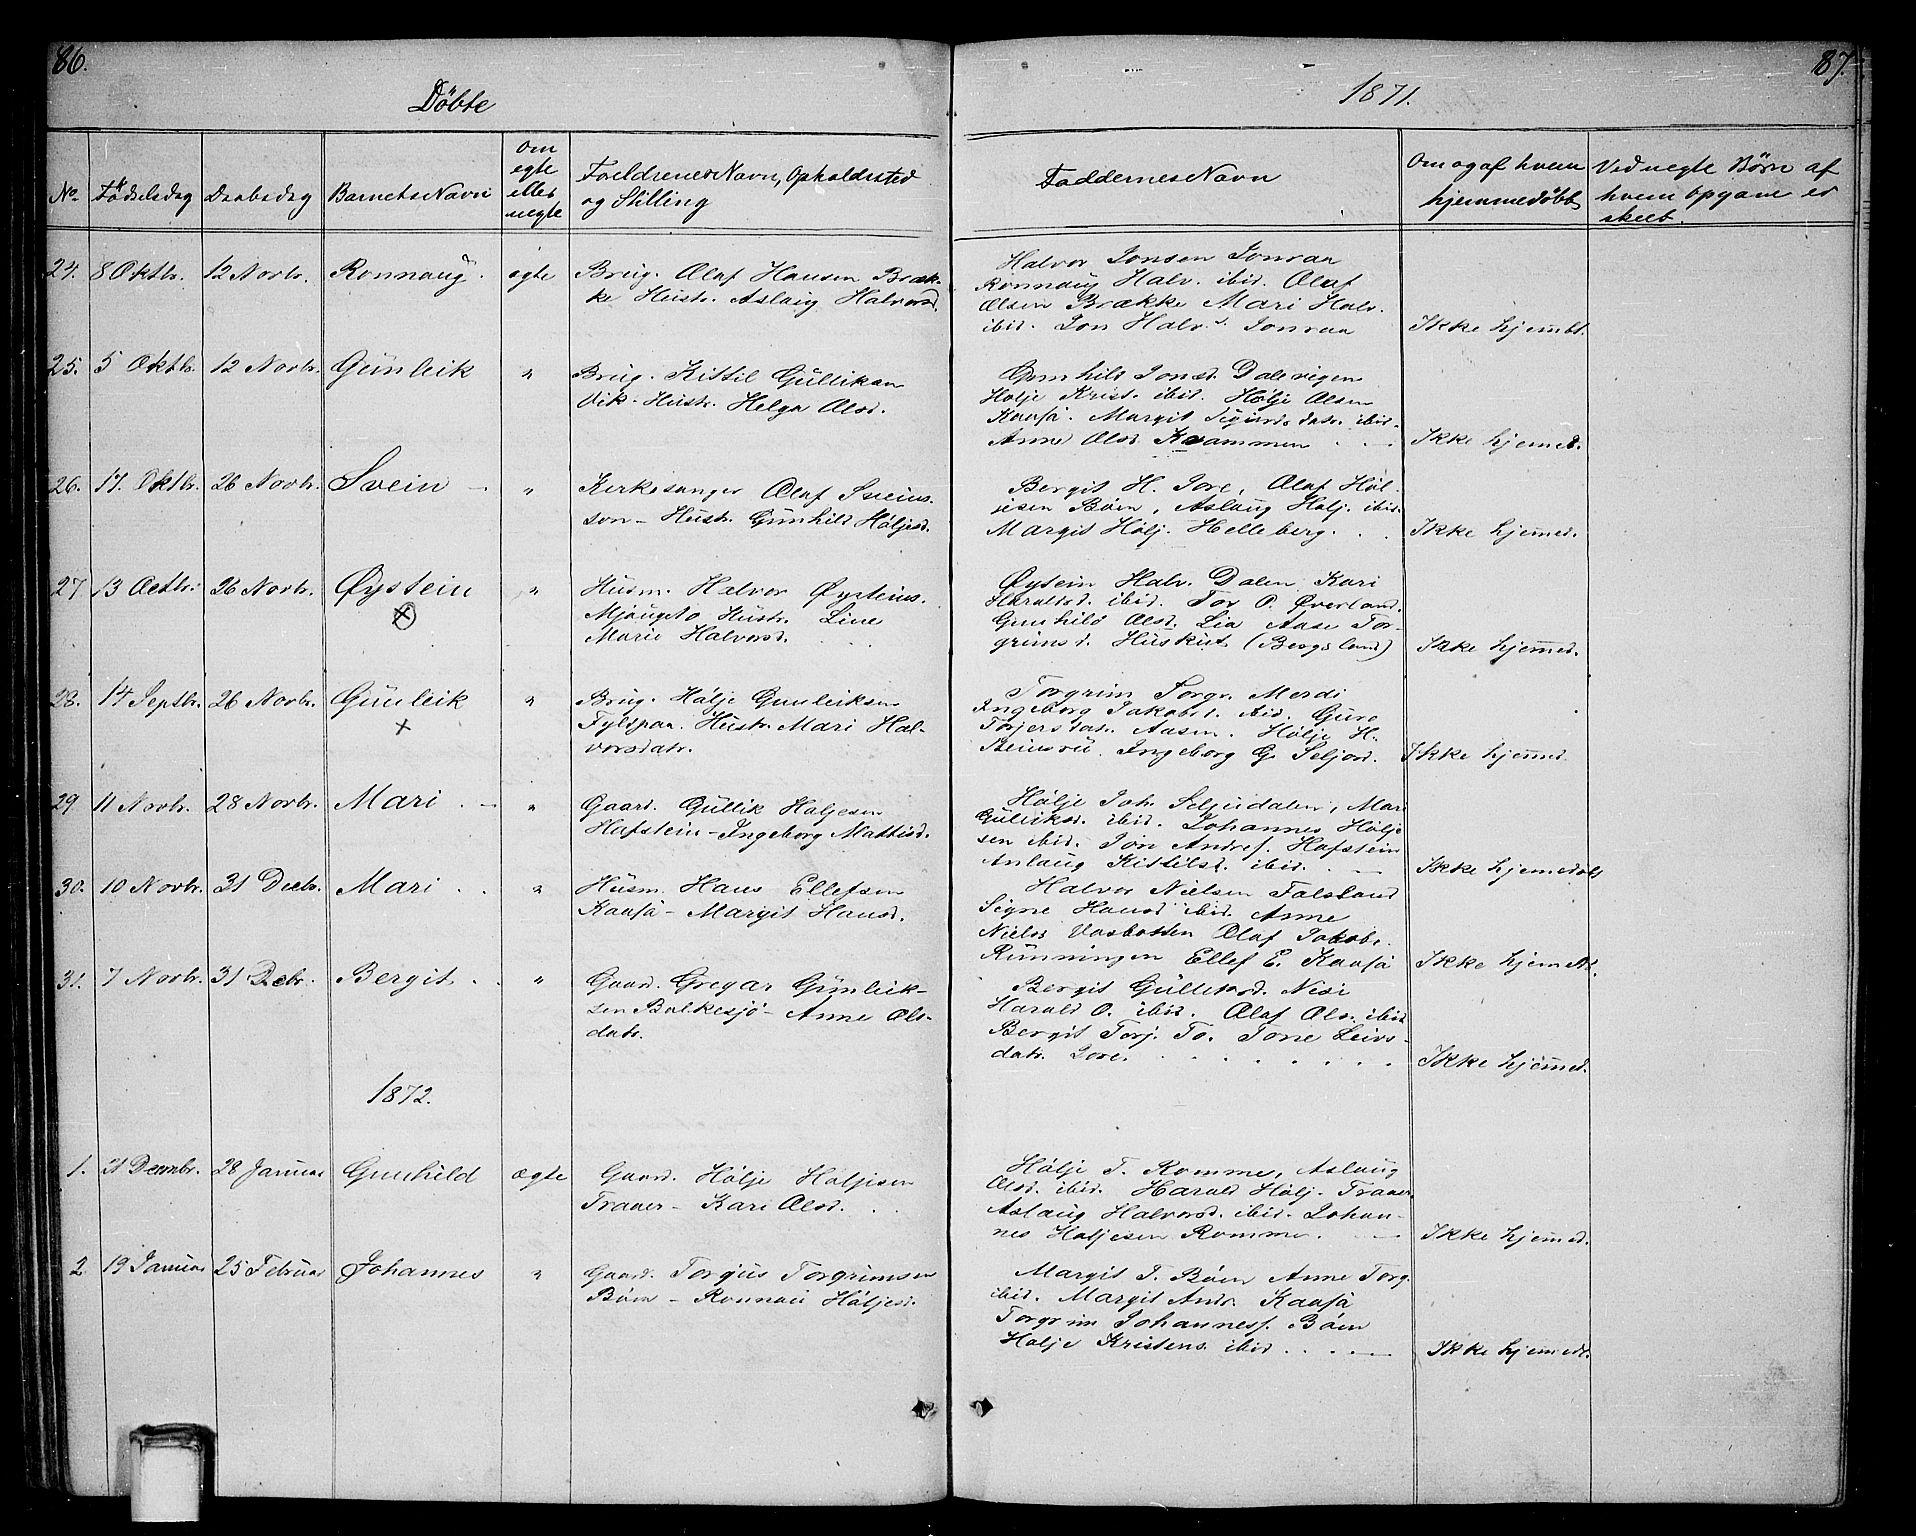 SAKO, Gransherad kirkebøker, G/Ga/L0002: Klokkerbok nr. I 2, 1854-1886, s. 86-87